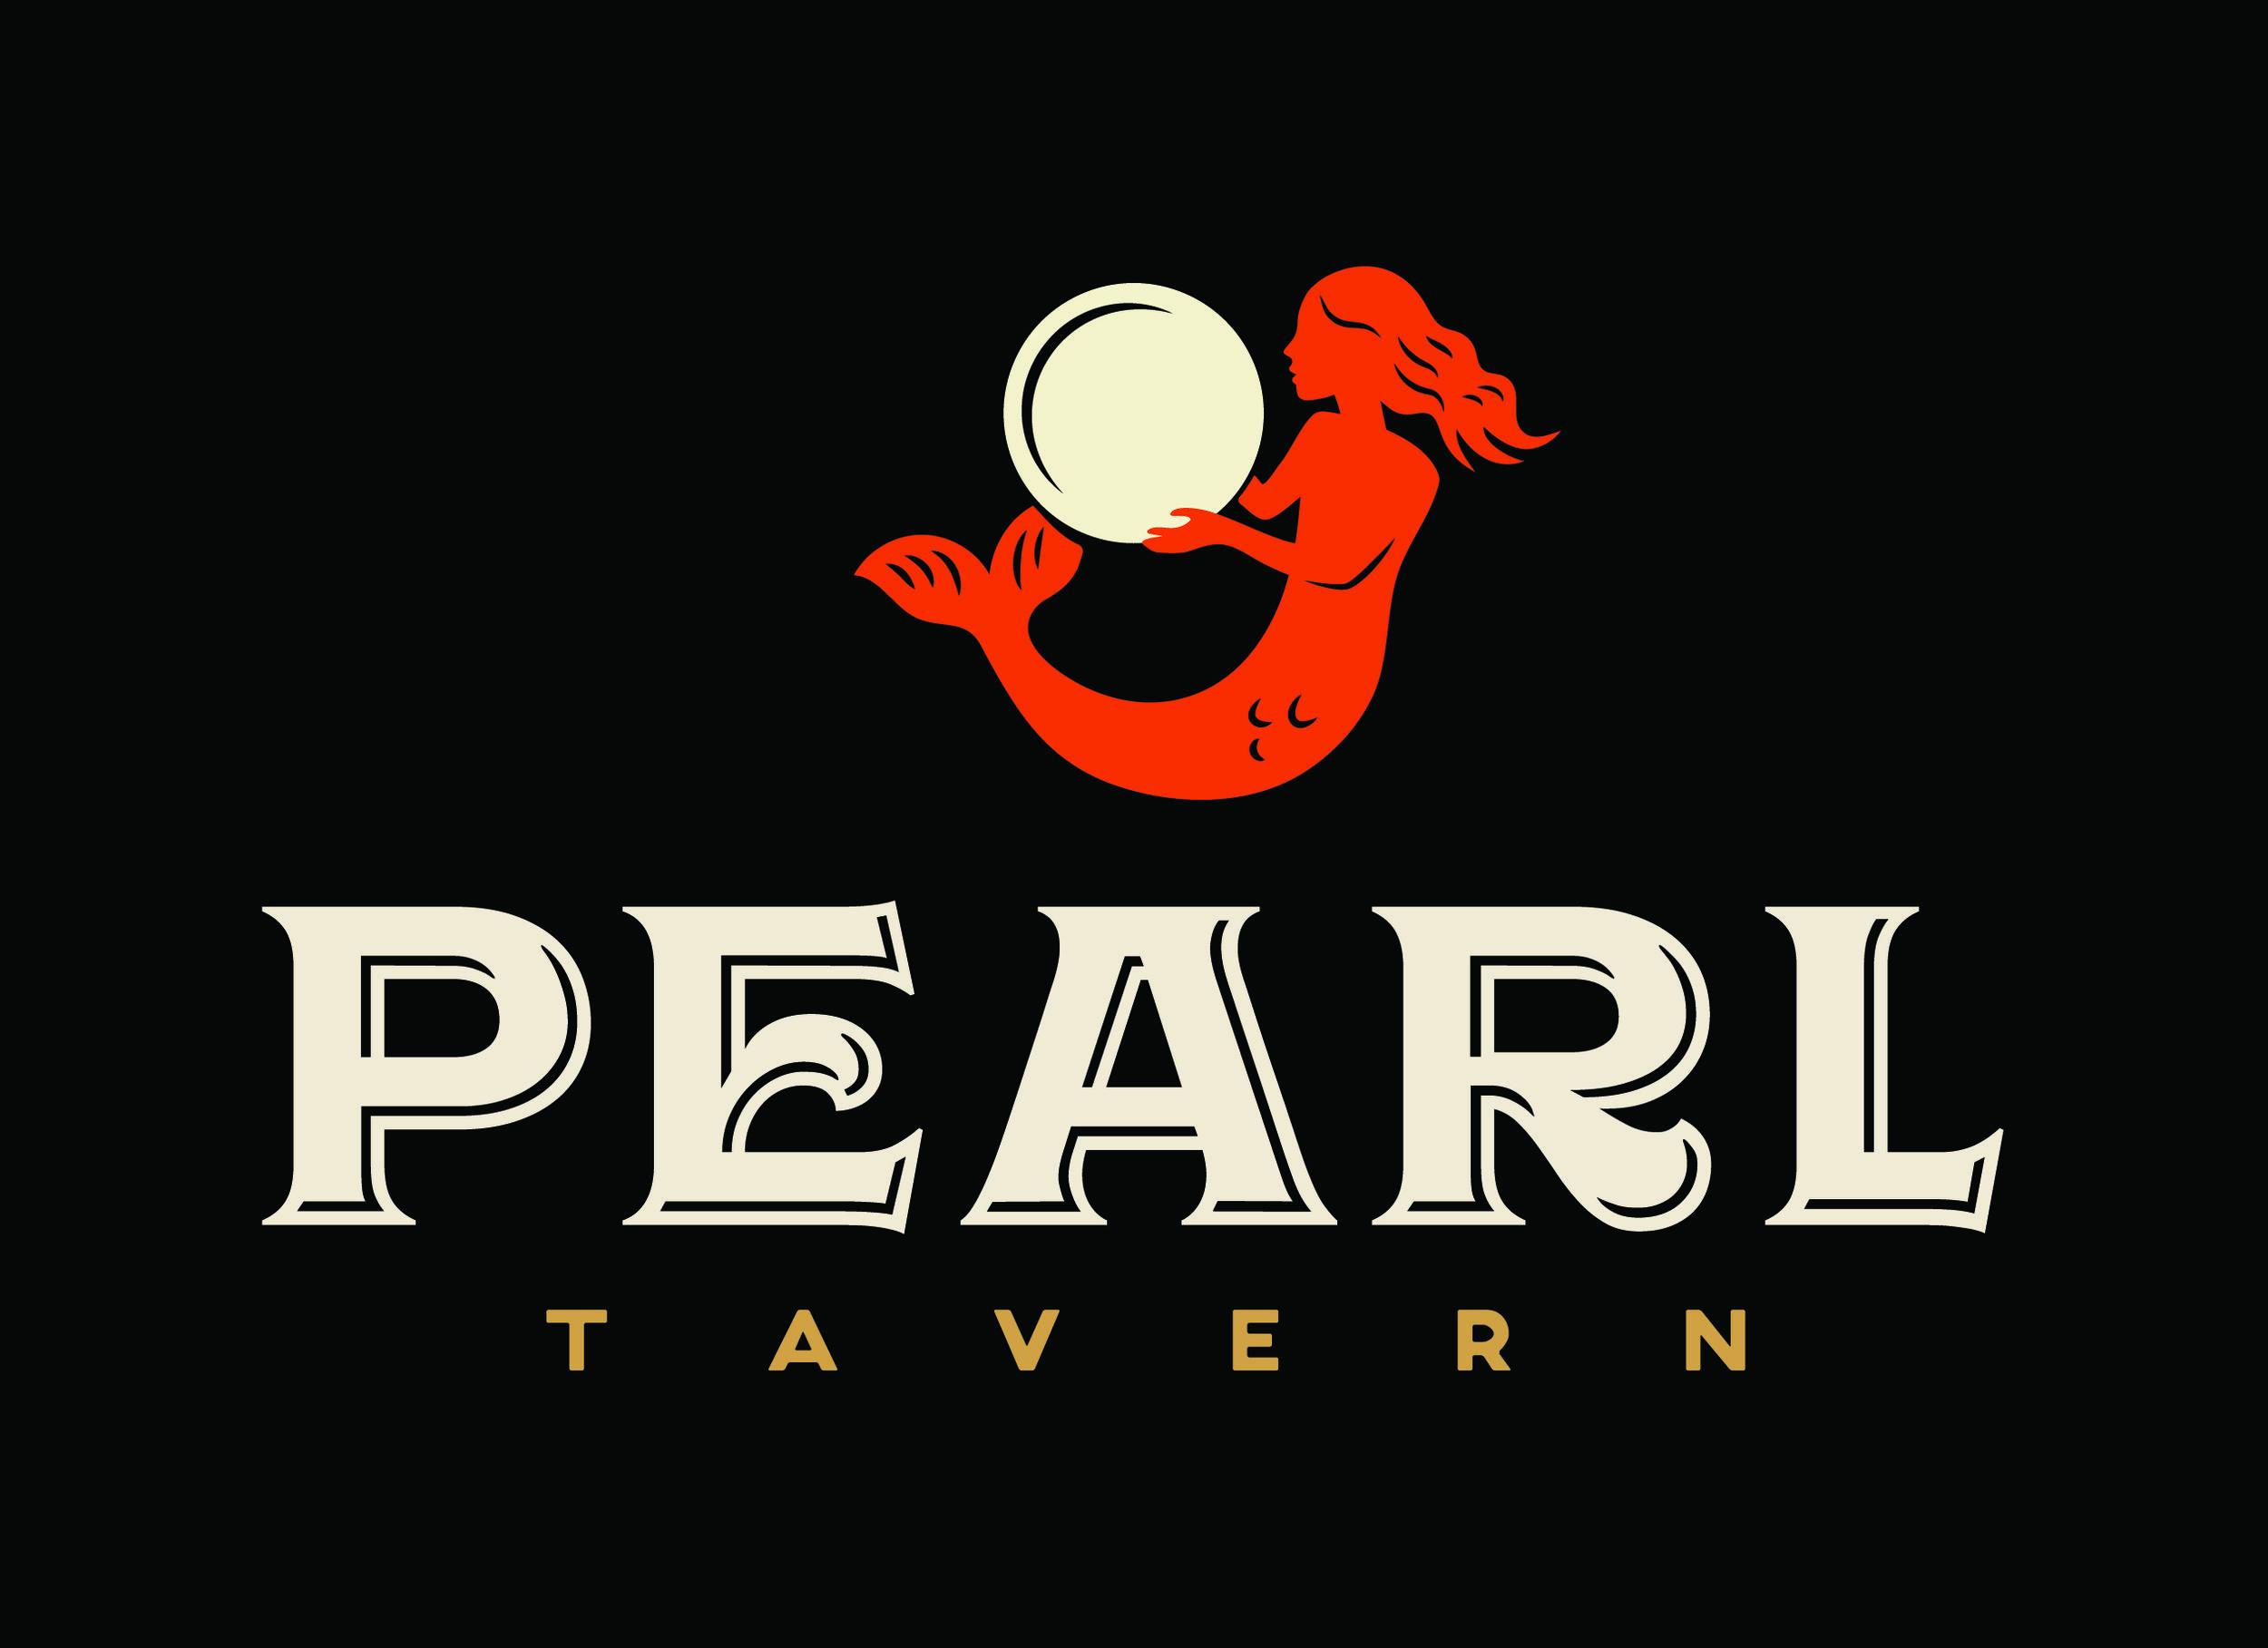 PearlTavern_full.jpg